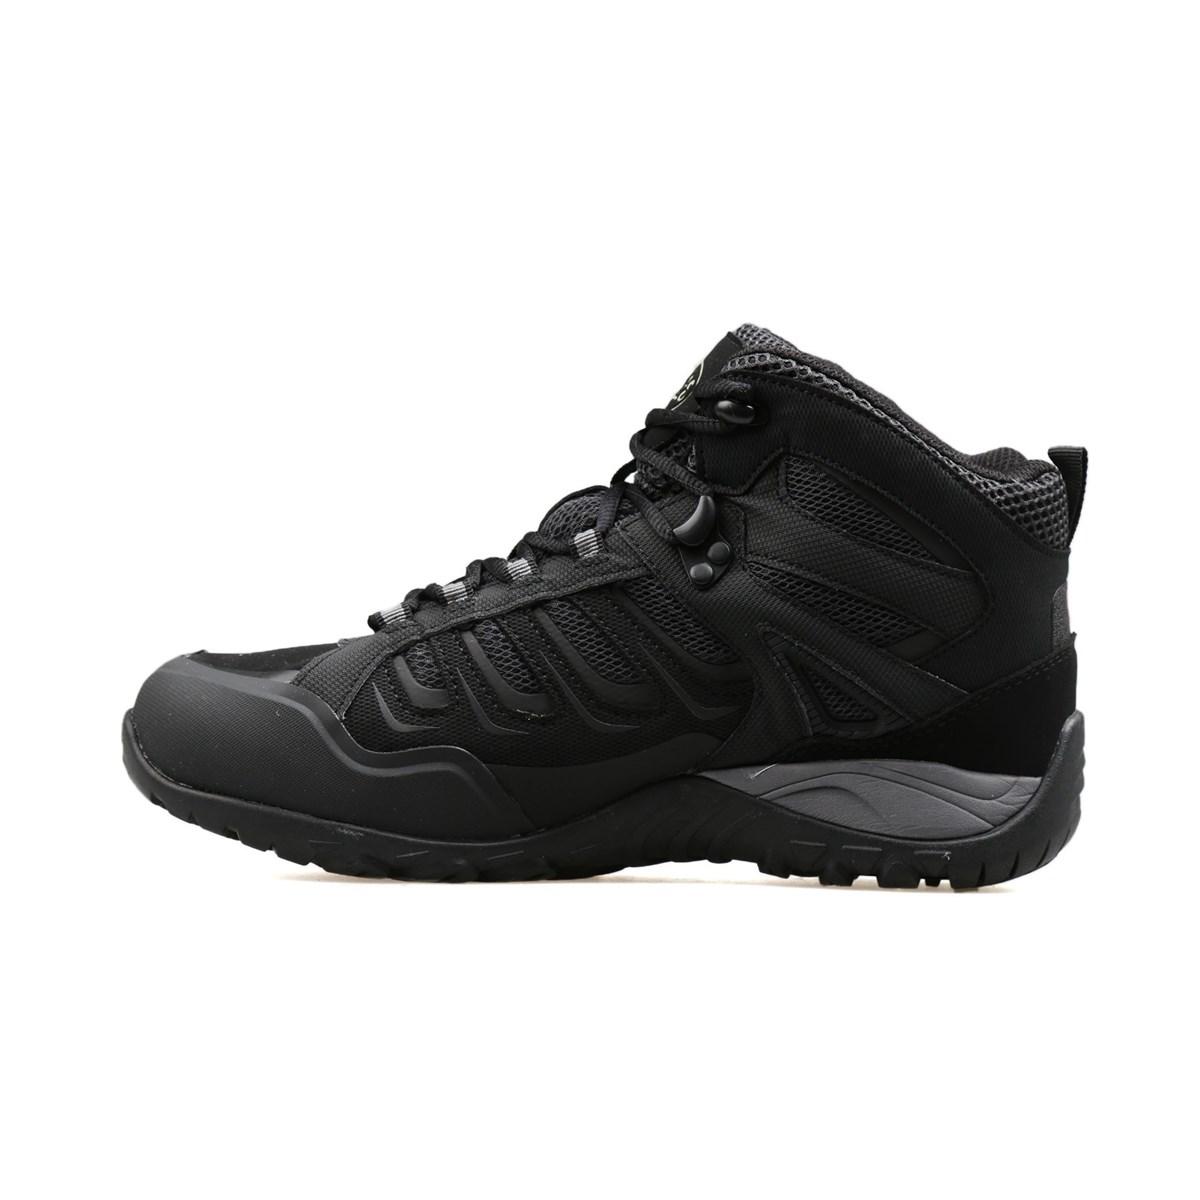 223551 Erkek Siyah Outdoor Ayakkabı